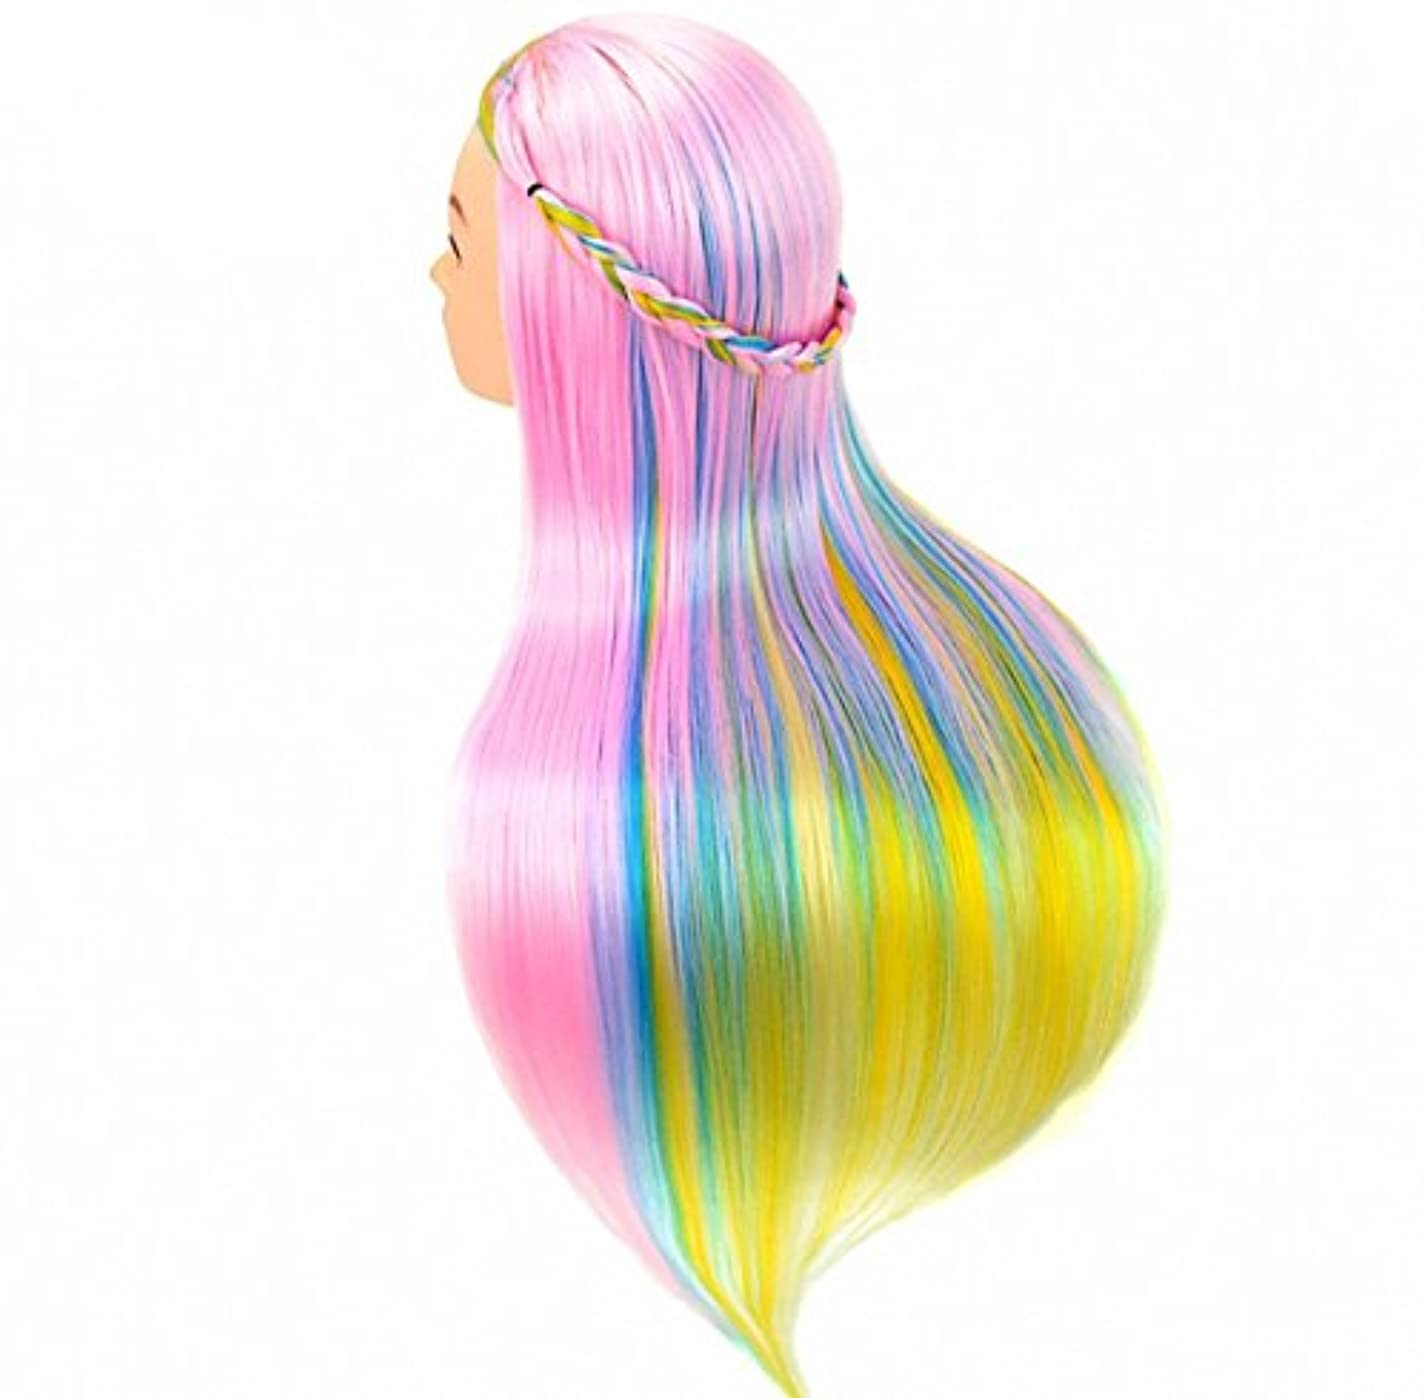 小さい午後劣る[Perfehair] 人工毛100%のサロン練習用マネキンヘッド(24インチ)–レインボーカラー-